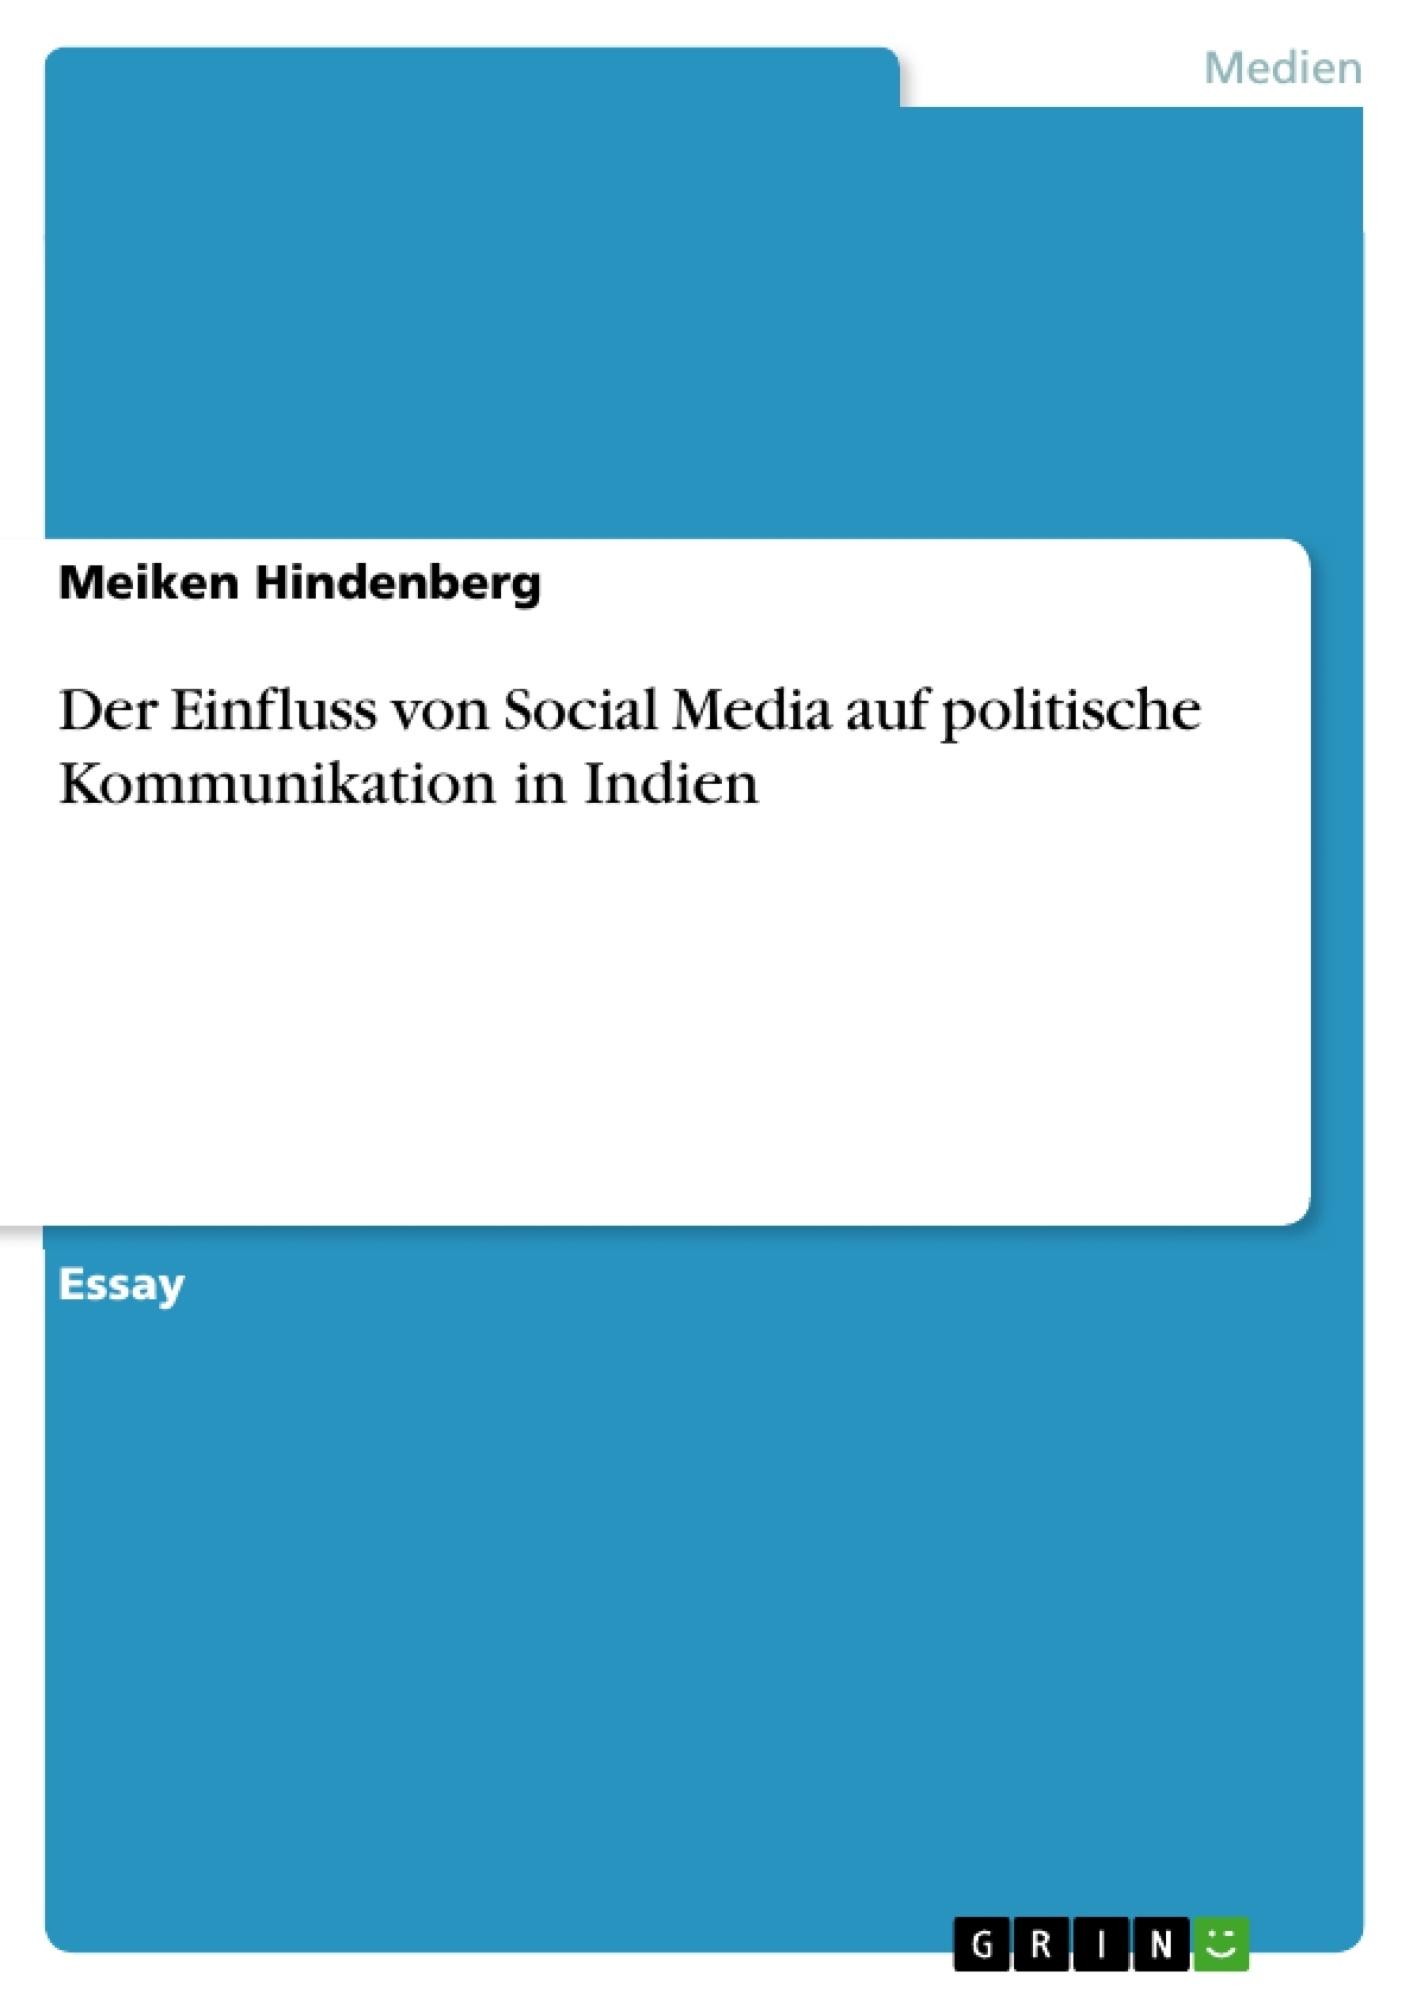 Titel: Der Einfluss von Social Media auf politische Kommunikation in Indien